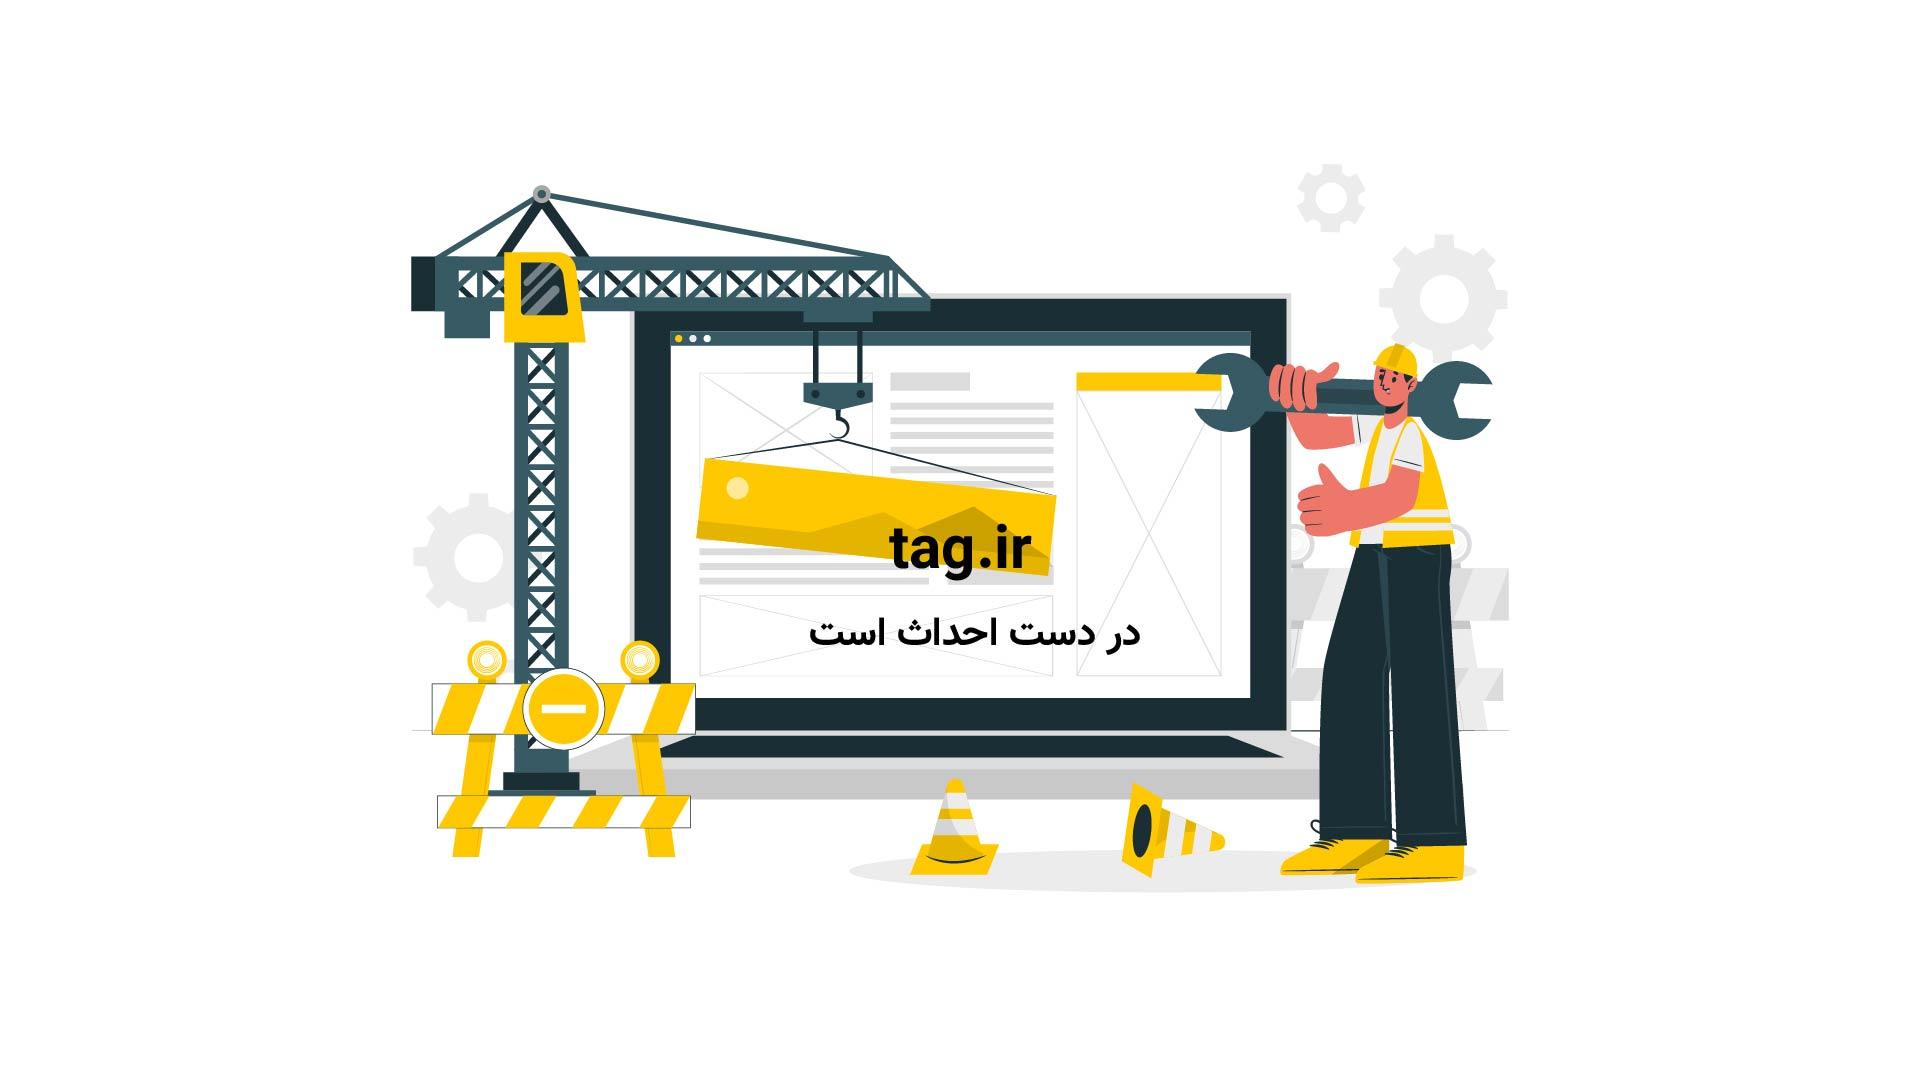 سبیل گربه | تگ